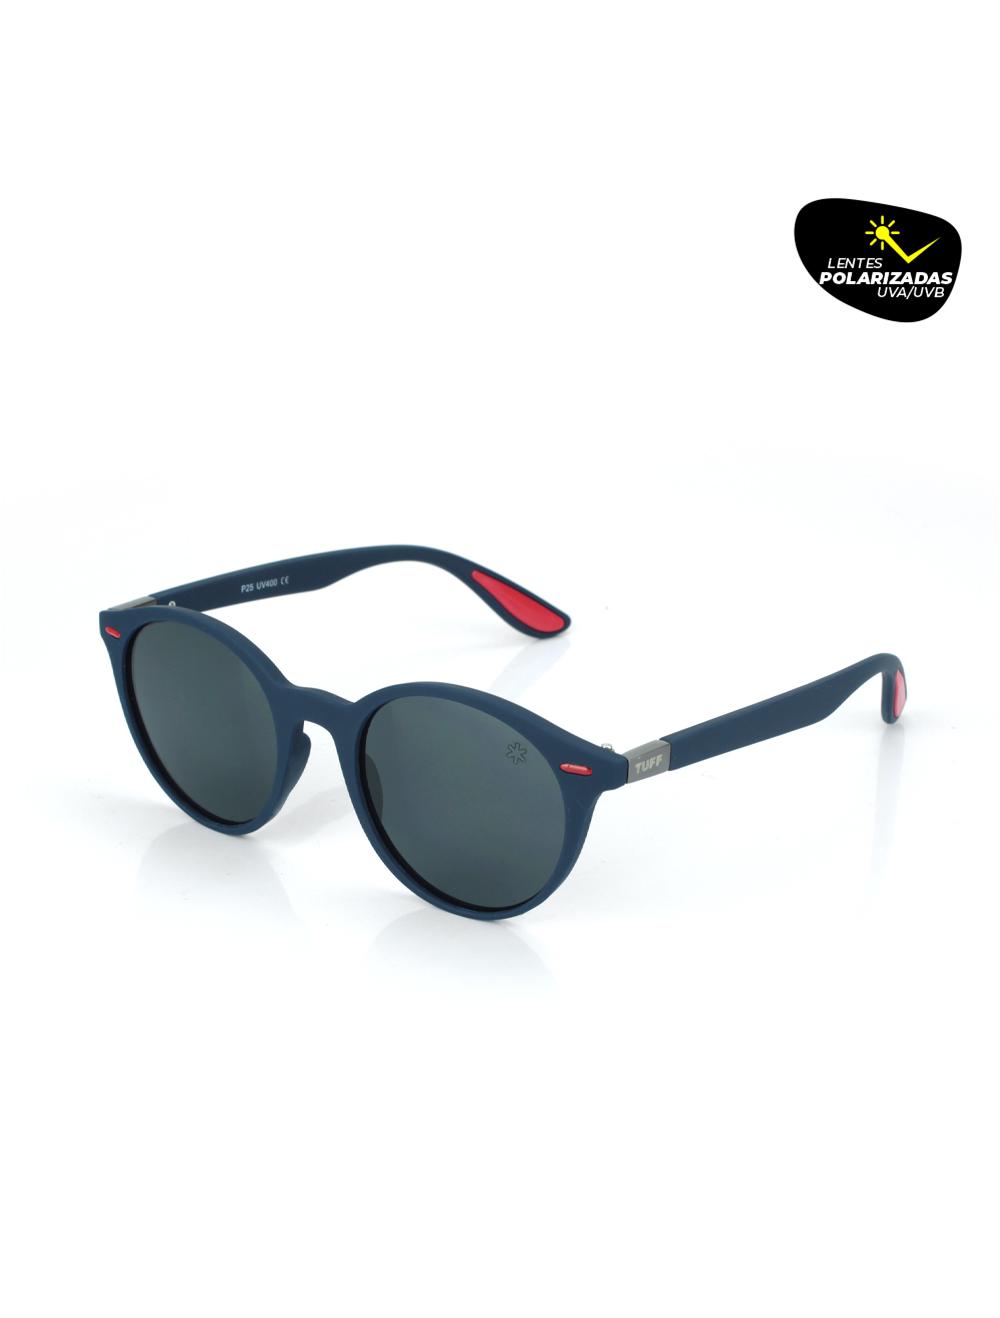 Sunglasses Moderno Preto com Lente Polarizado